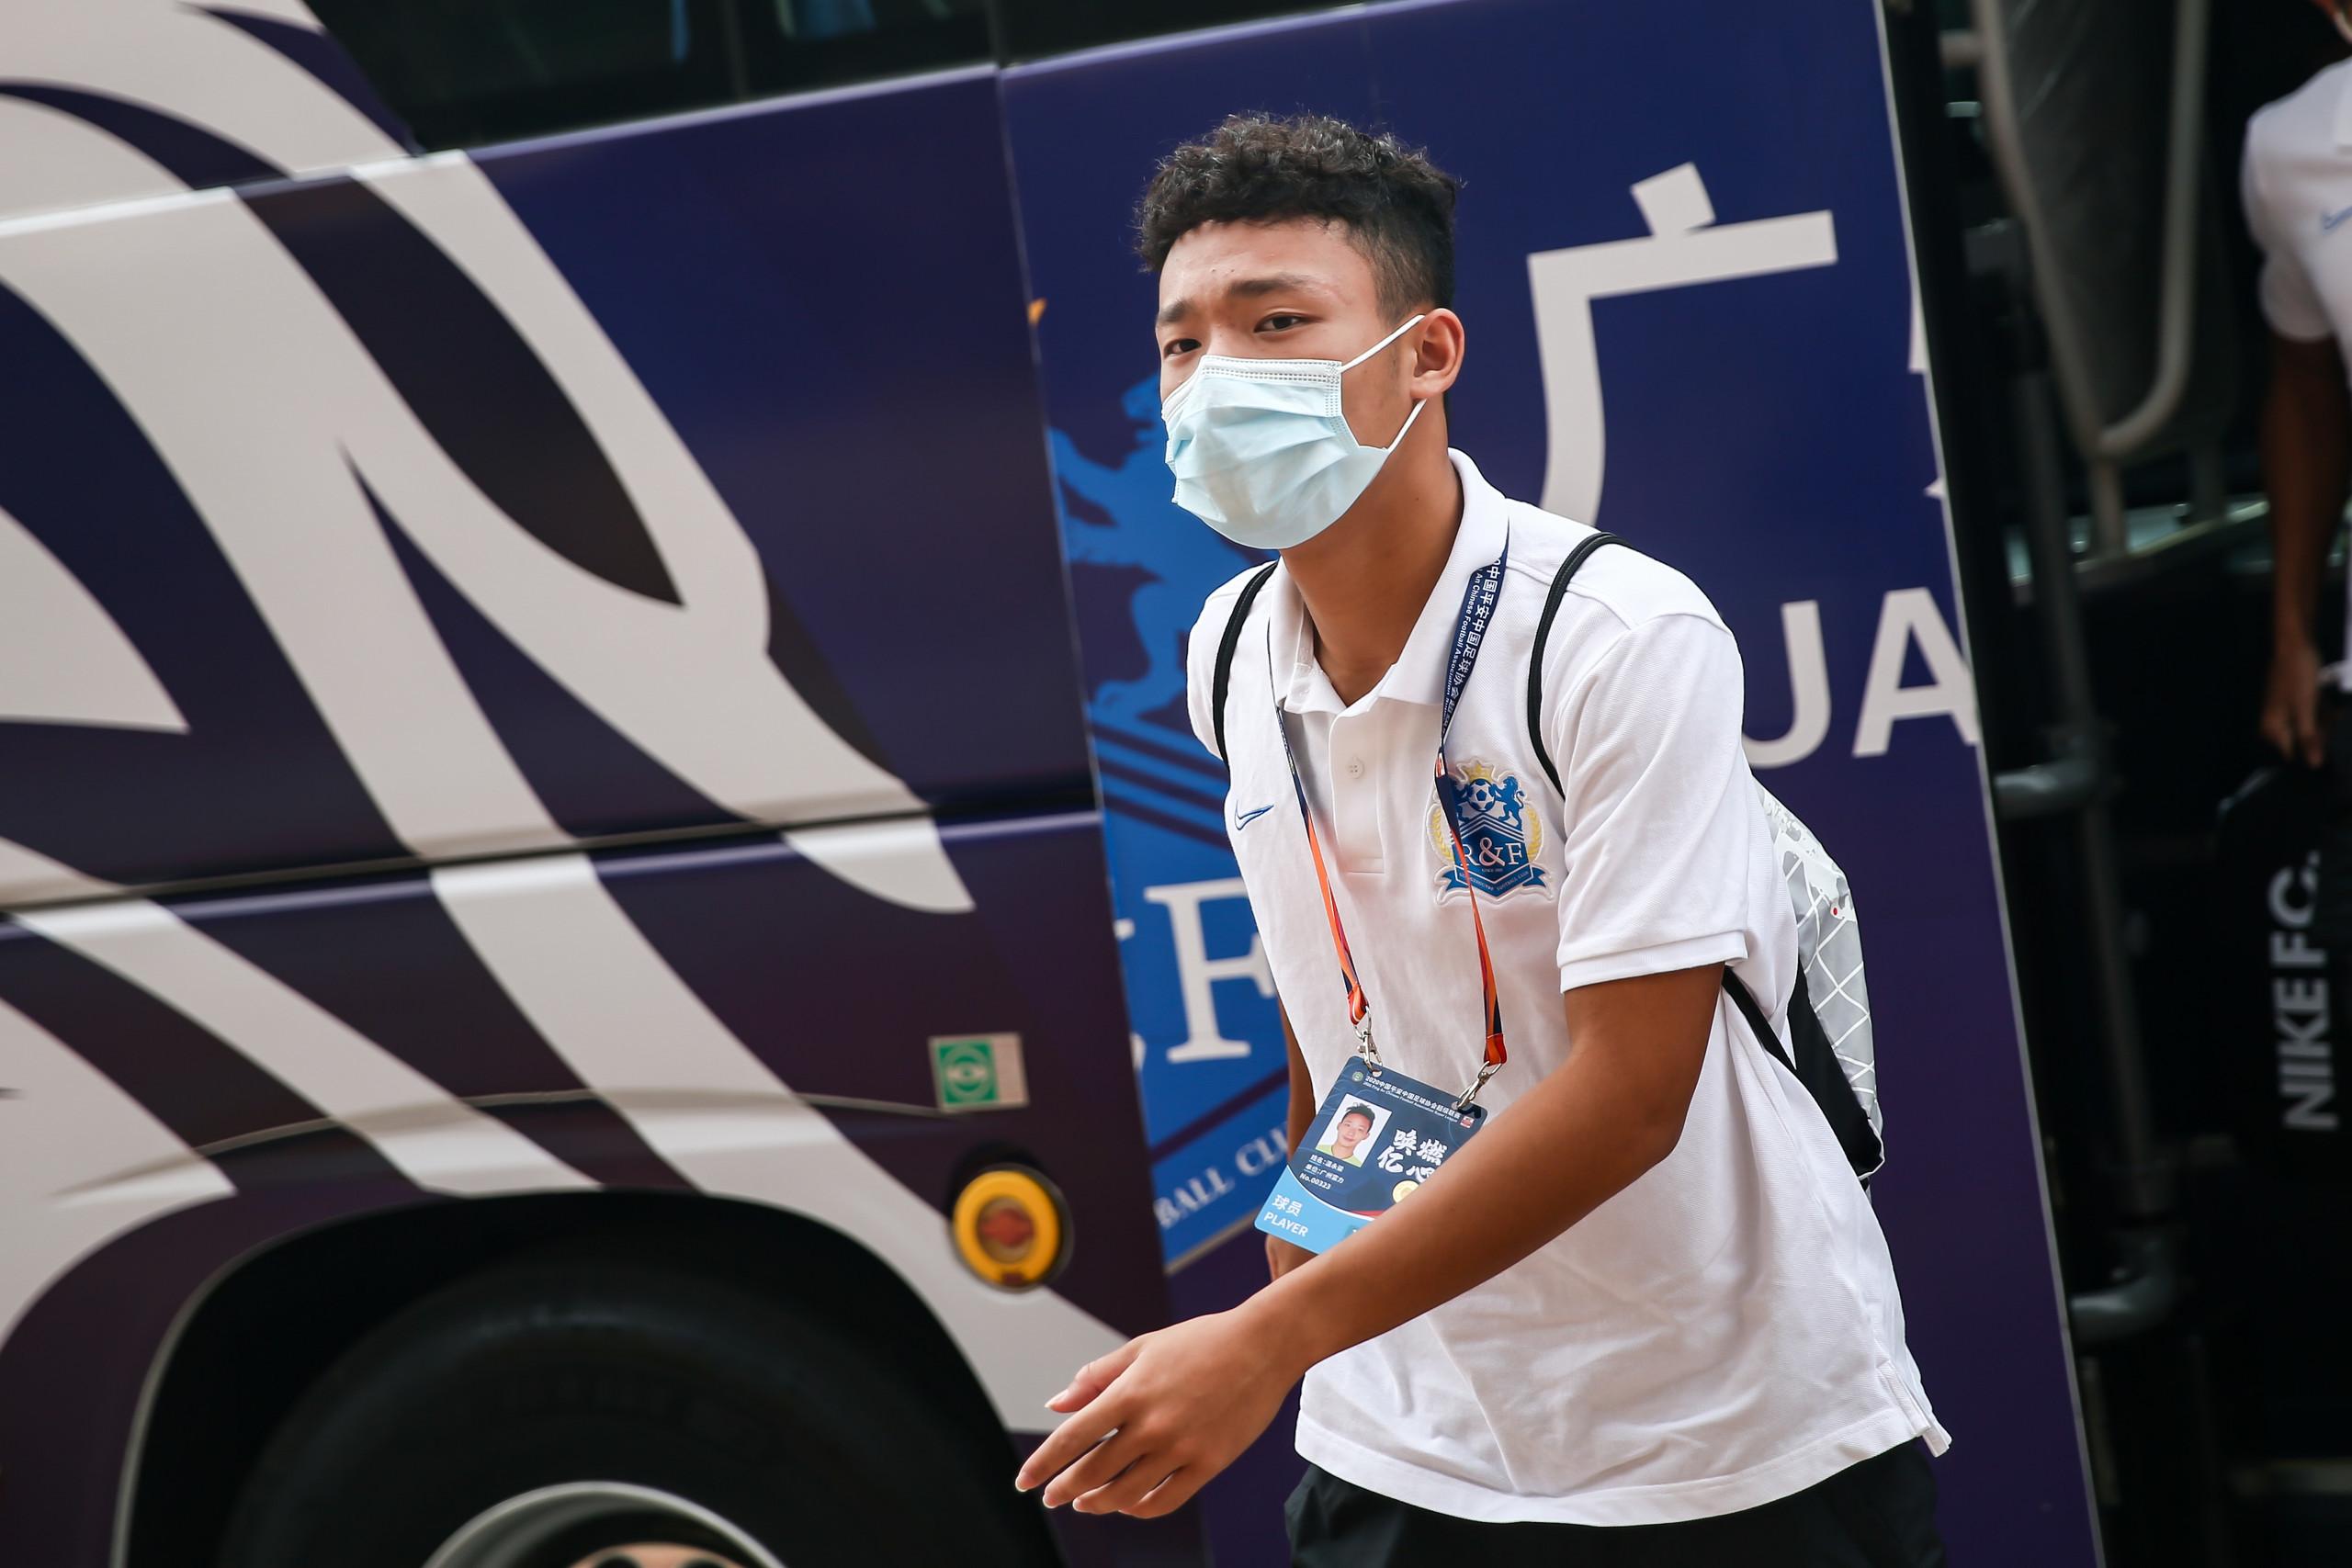 富力小将温永骏登场,成首位登上中超舞台的2003年球员